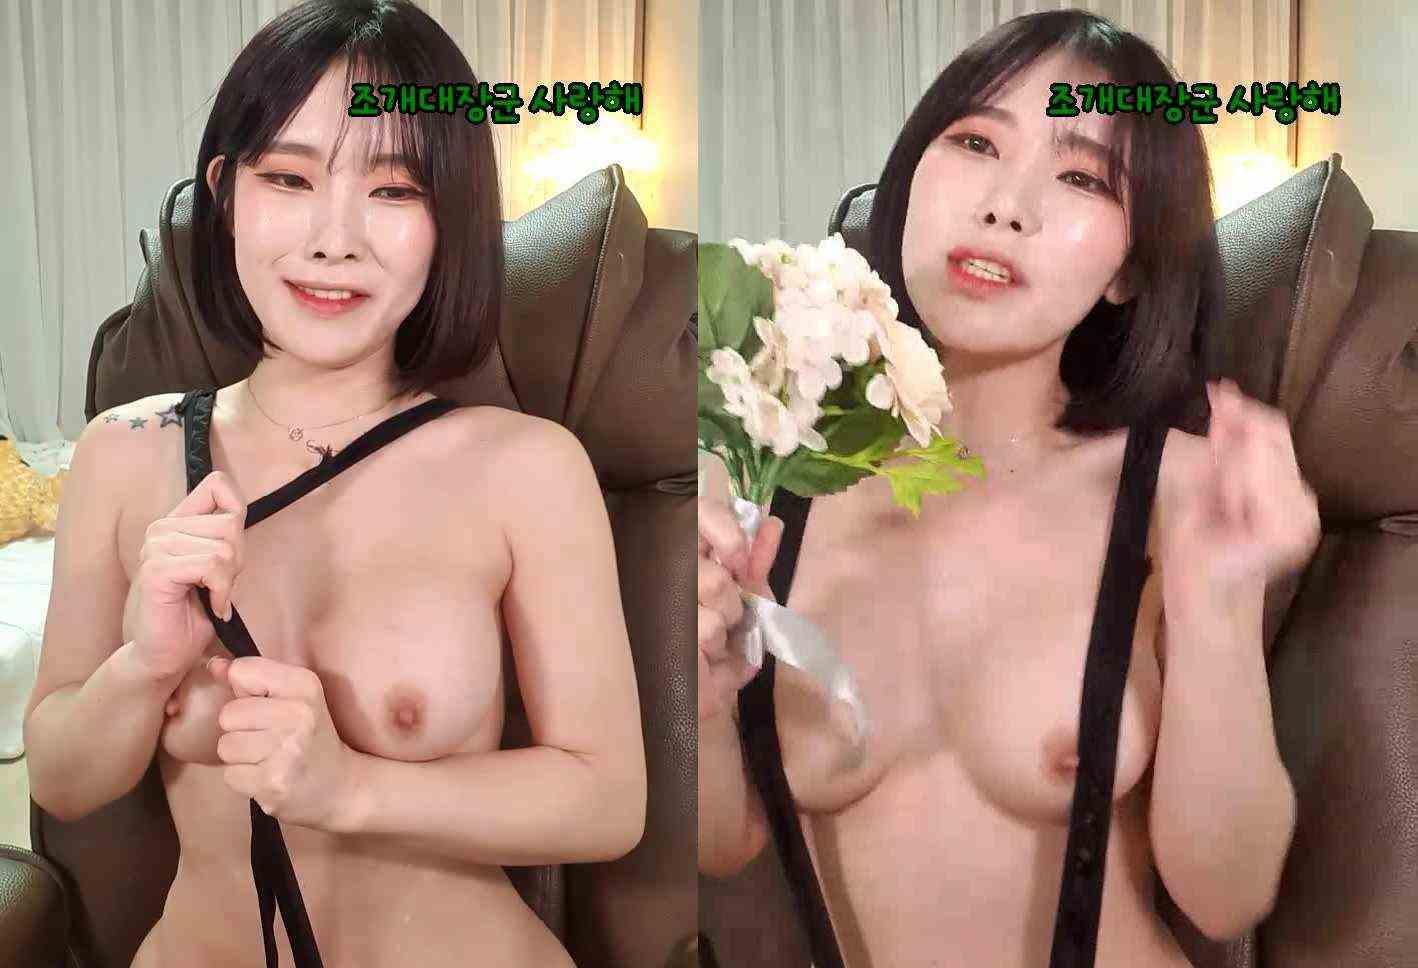 韩国主播韩国主播裴幼芬s5874s202104102编号46644